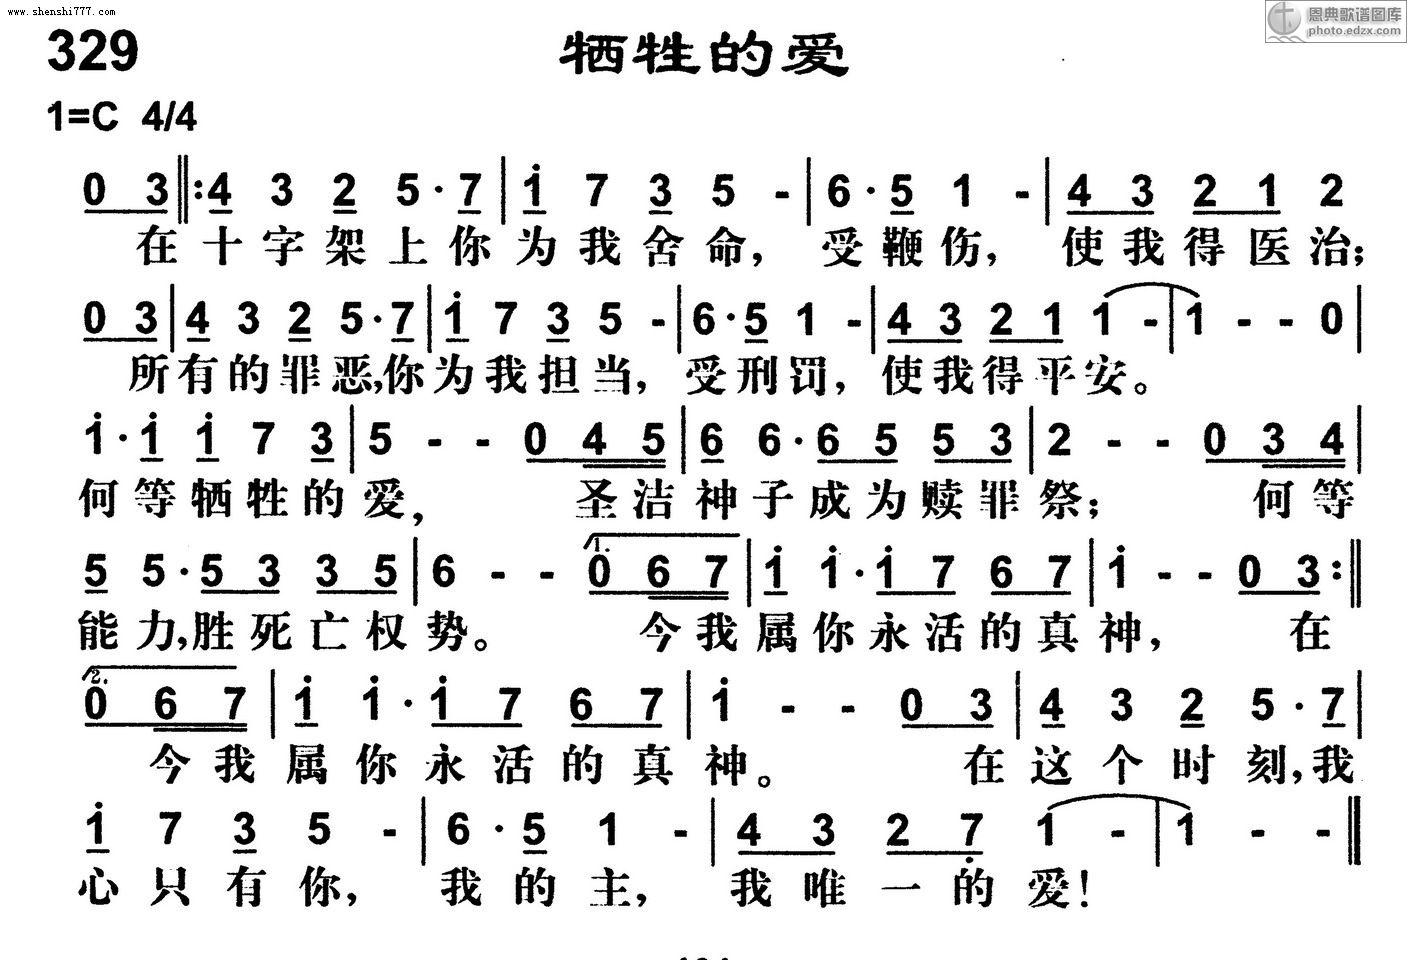 329首牺牲的爱 基督教歌谱赞美诗歌谱 -329首牺牲的爱